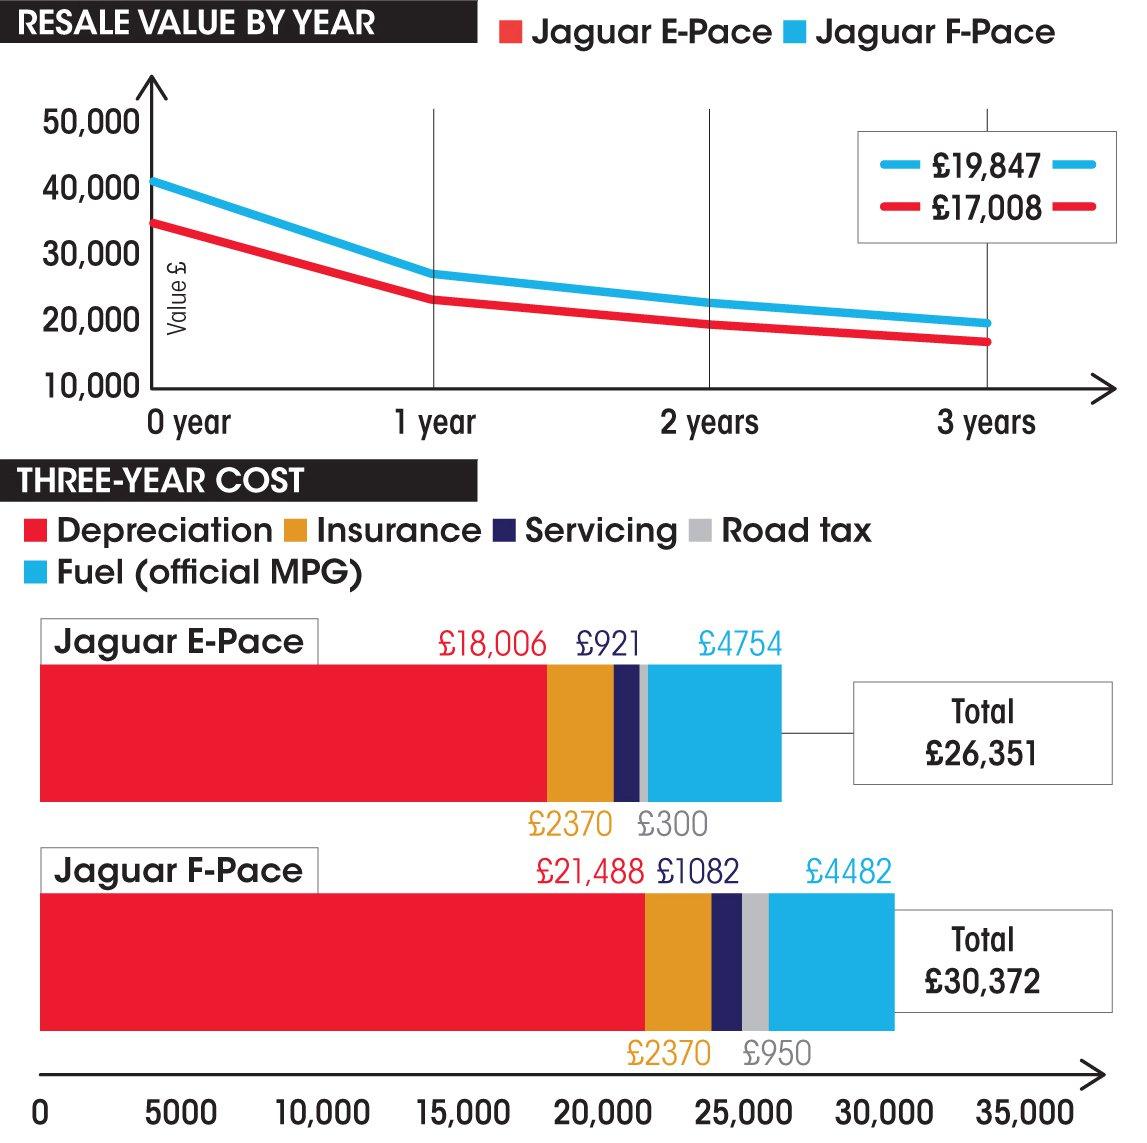 Jaguar E-Pace vs Jaguar F-Pace costs spec